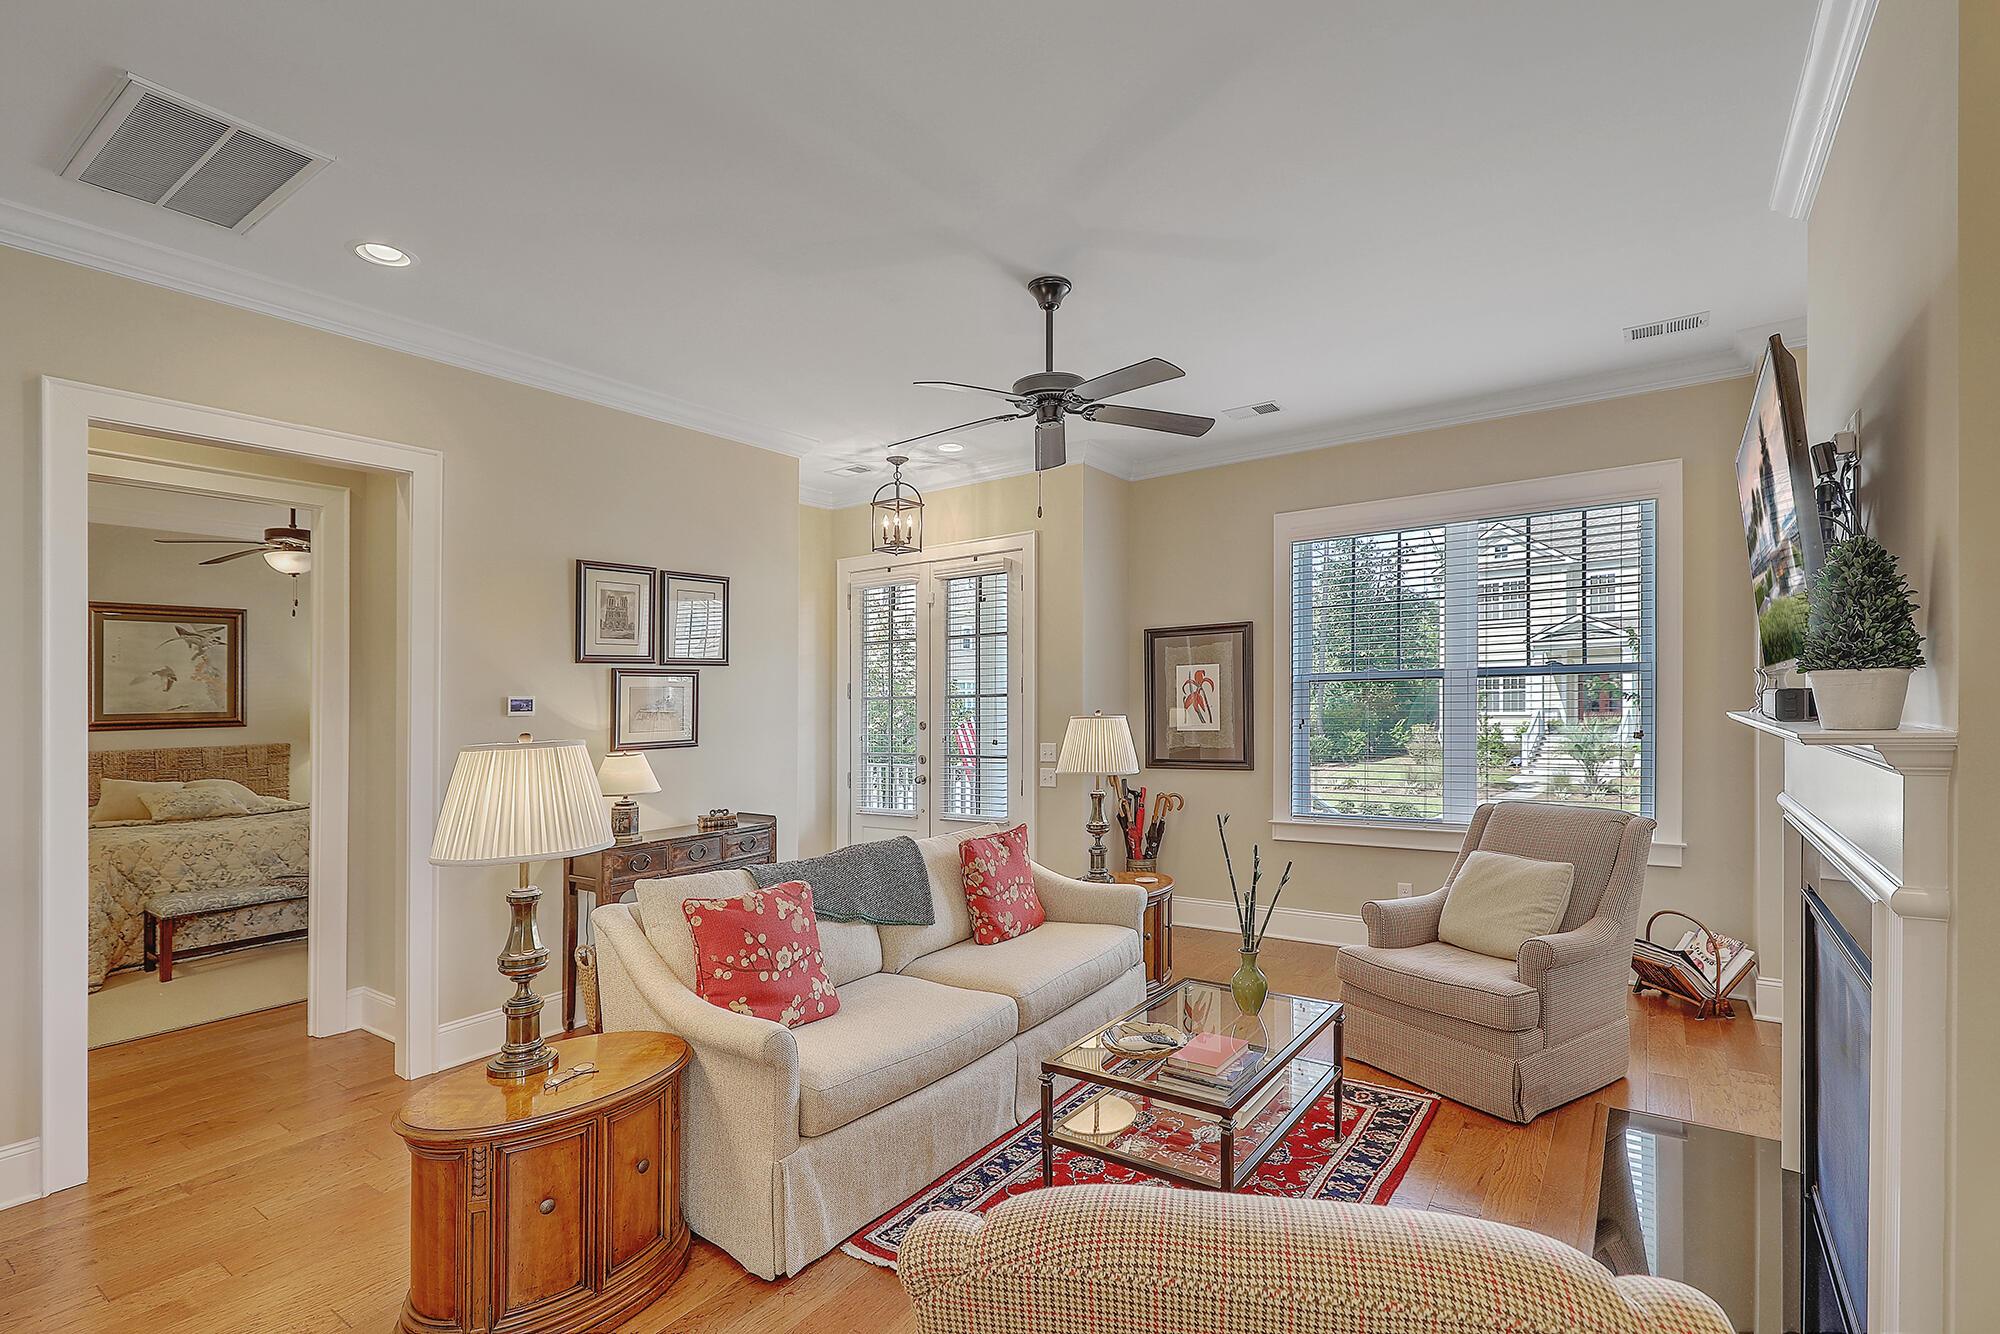 Dunes West Homes For Sale - 3171 Sturbridge, Mount Pleasant, SC - 0